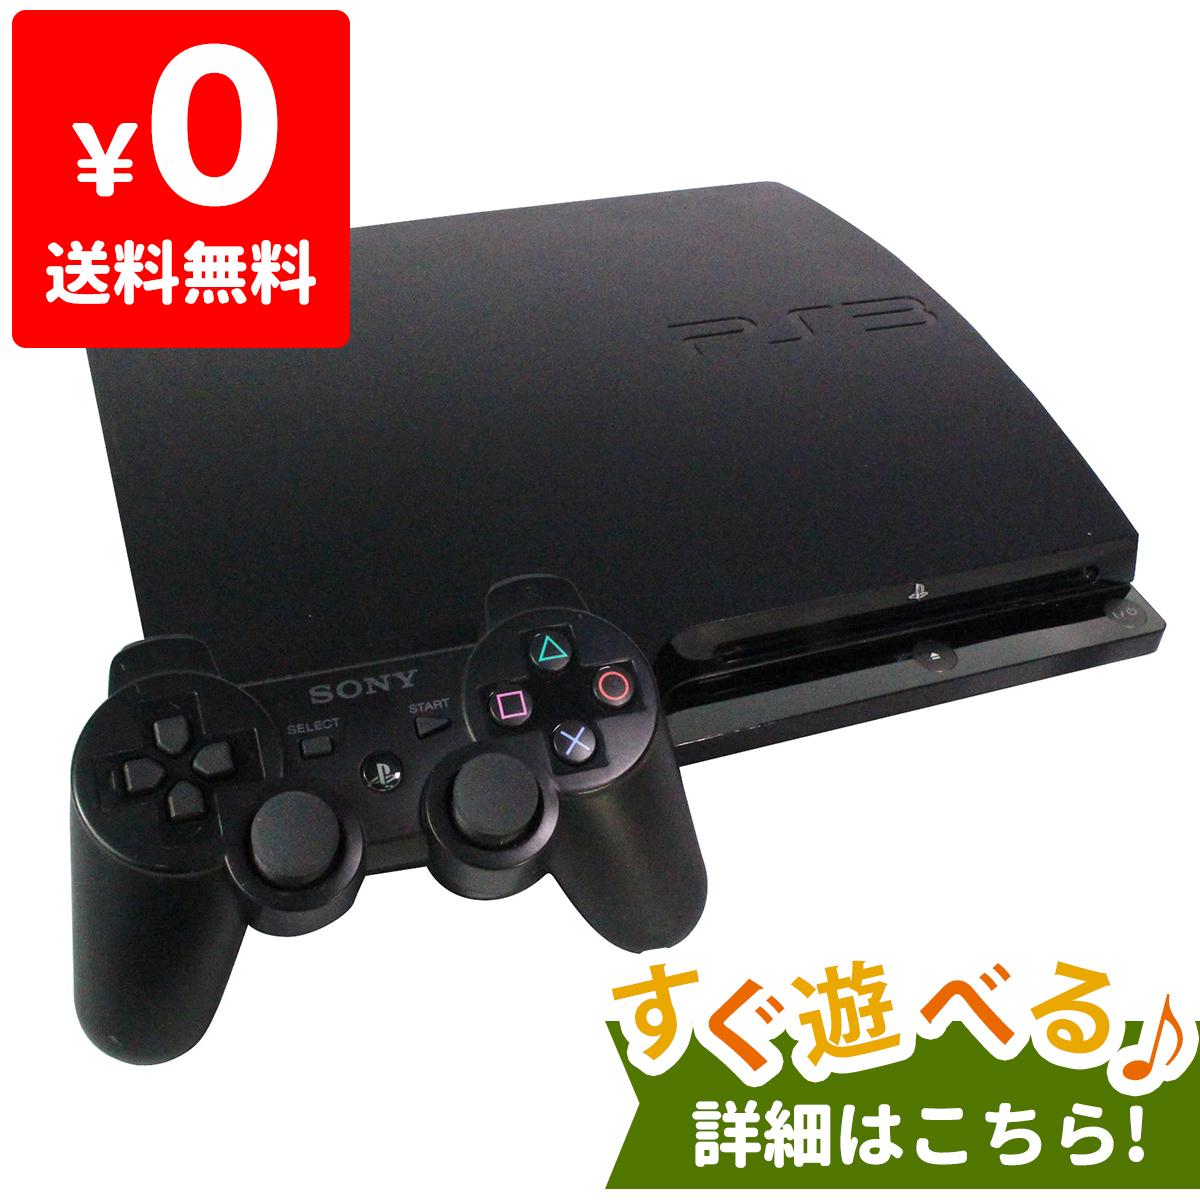 PS3 プレステ3 PlayStation3 プレイステーション3 本体 CECH-2500A チャコール・ブラック SONY ゲーム機 中古 すぐ遊べるセット 4948872412476 送料無料 【中古】